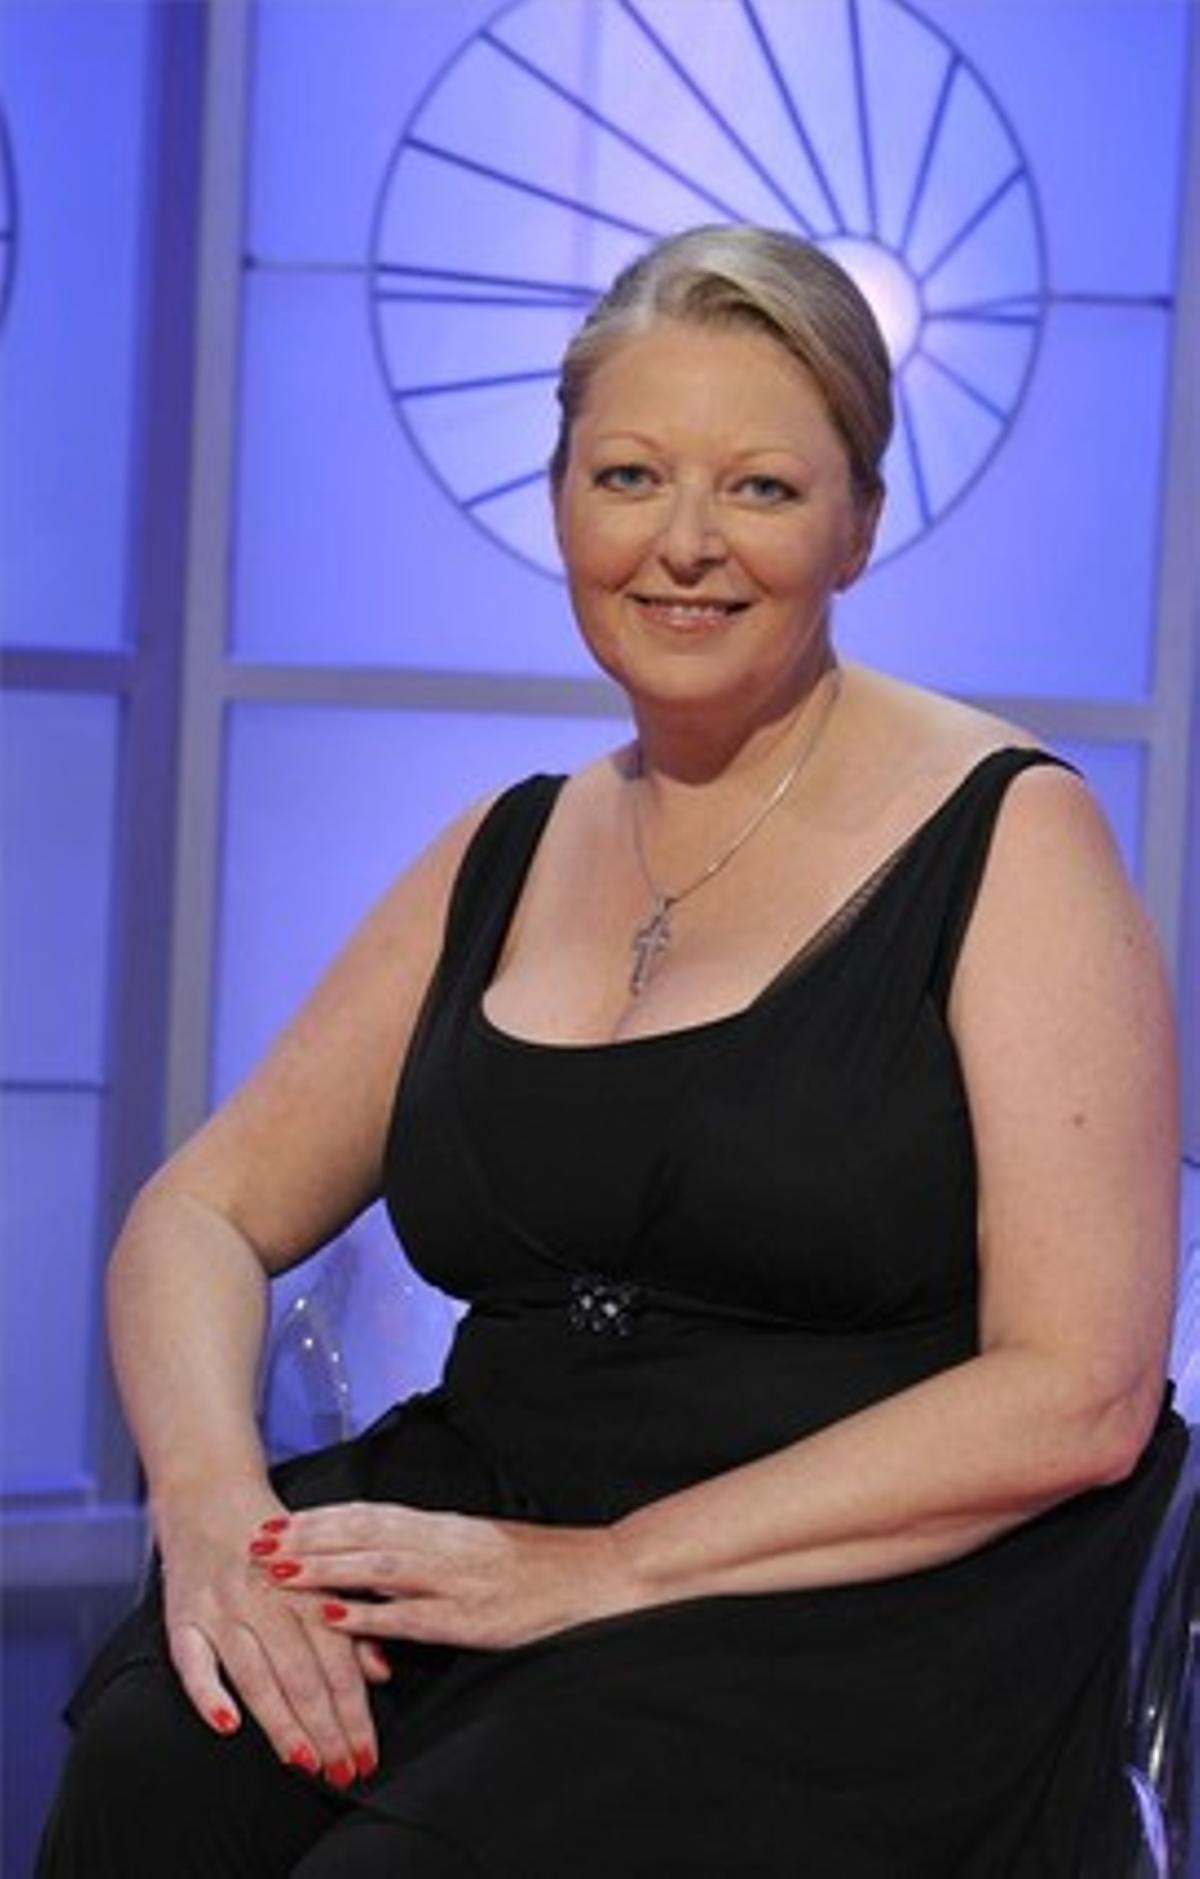 La medium británica Anne Germain sostiene que habla con los espíritus de personas fallecidas.